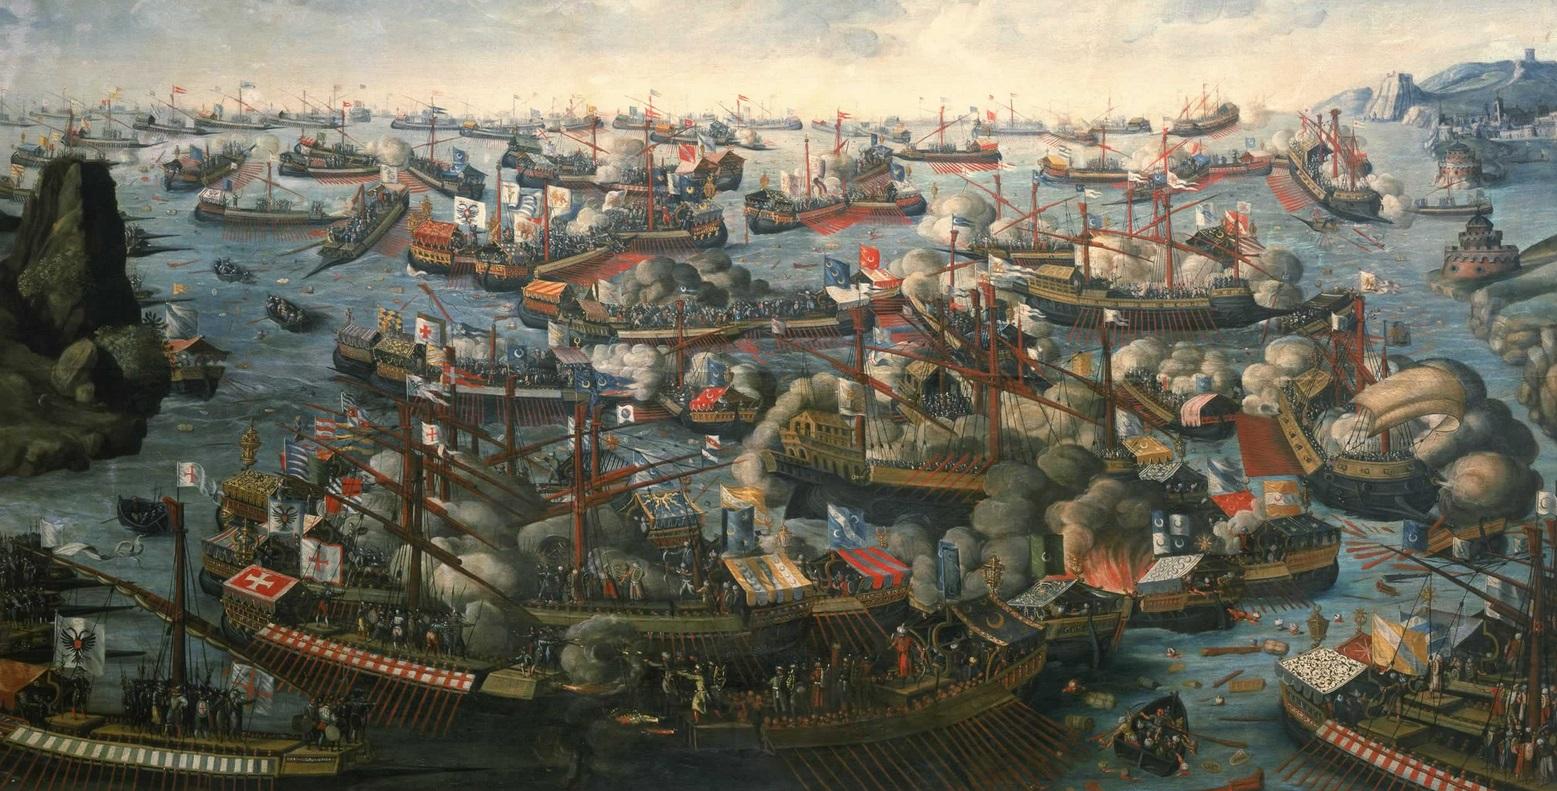 Pintura que representa la batalla de lepanto. Autor desconocido (Después de 1571)